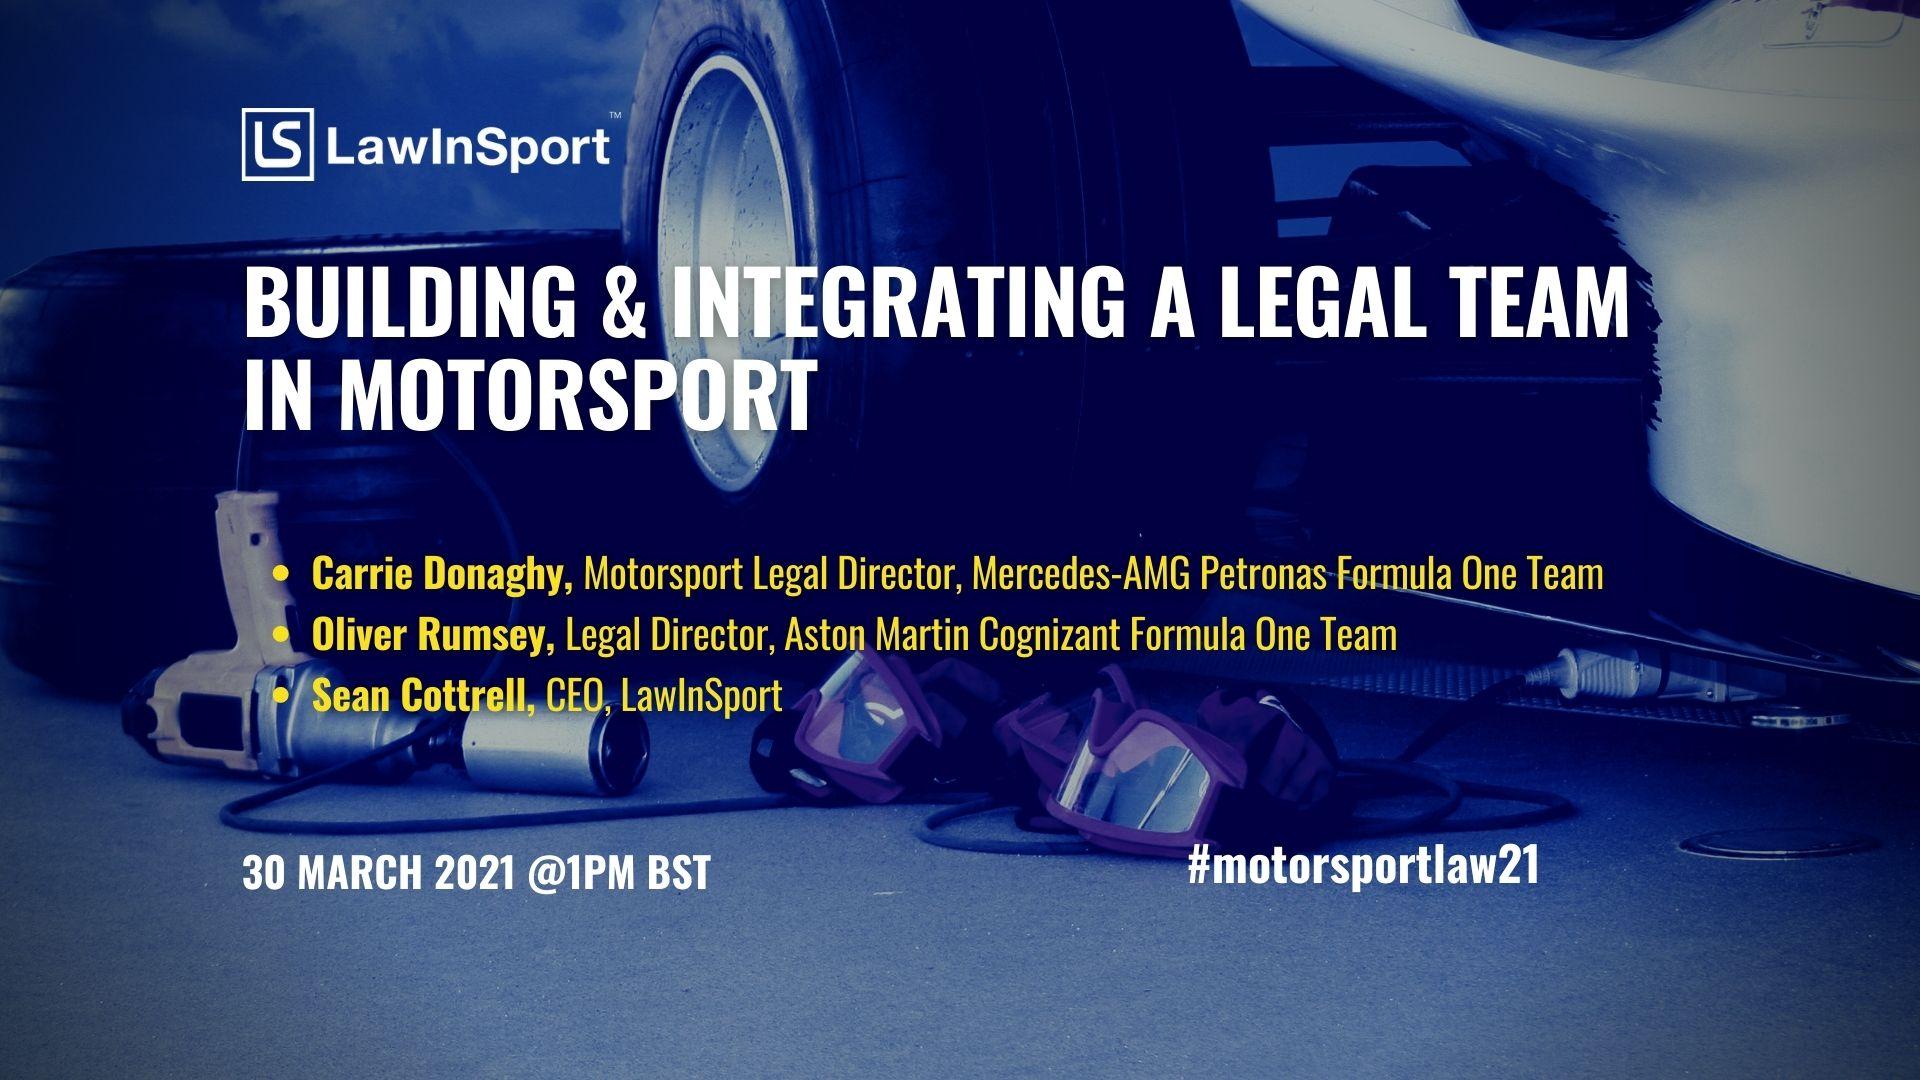 Title image - building & integrating a legal team in motorsport